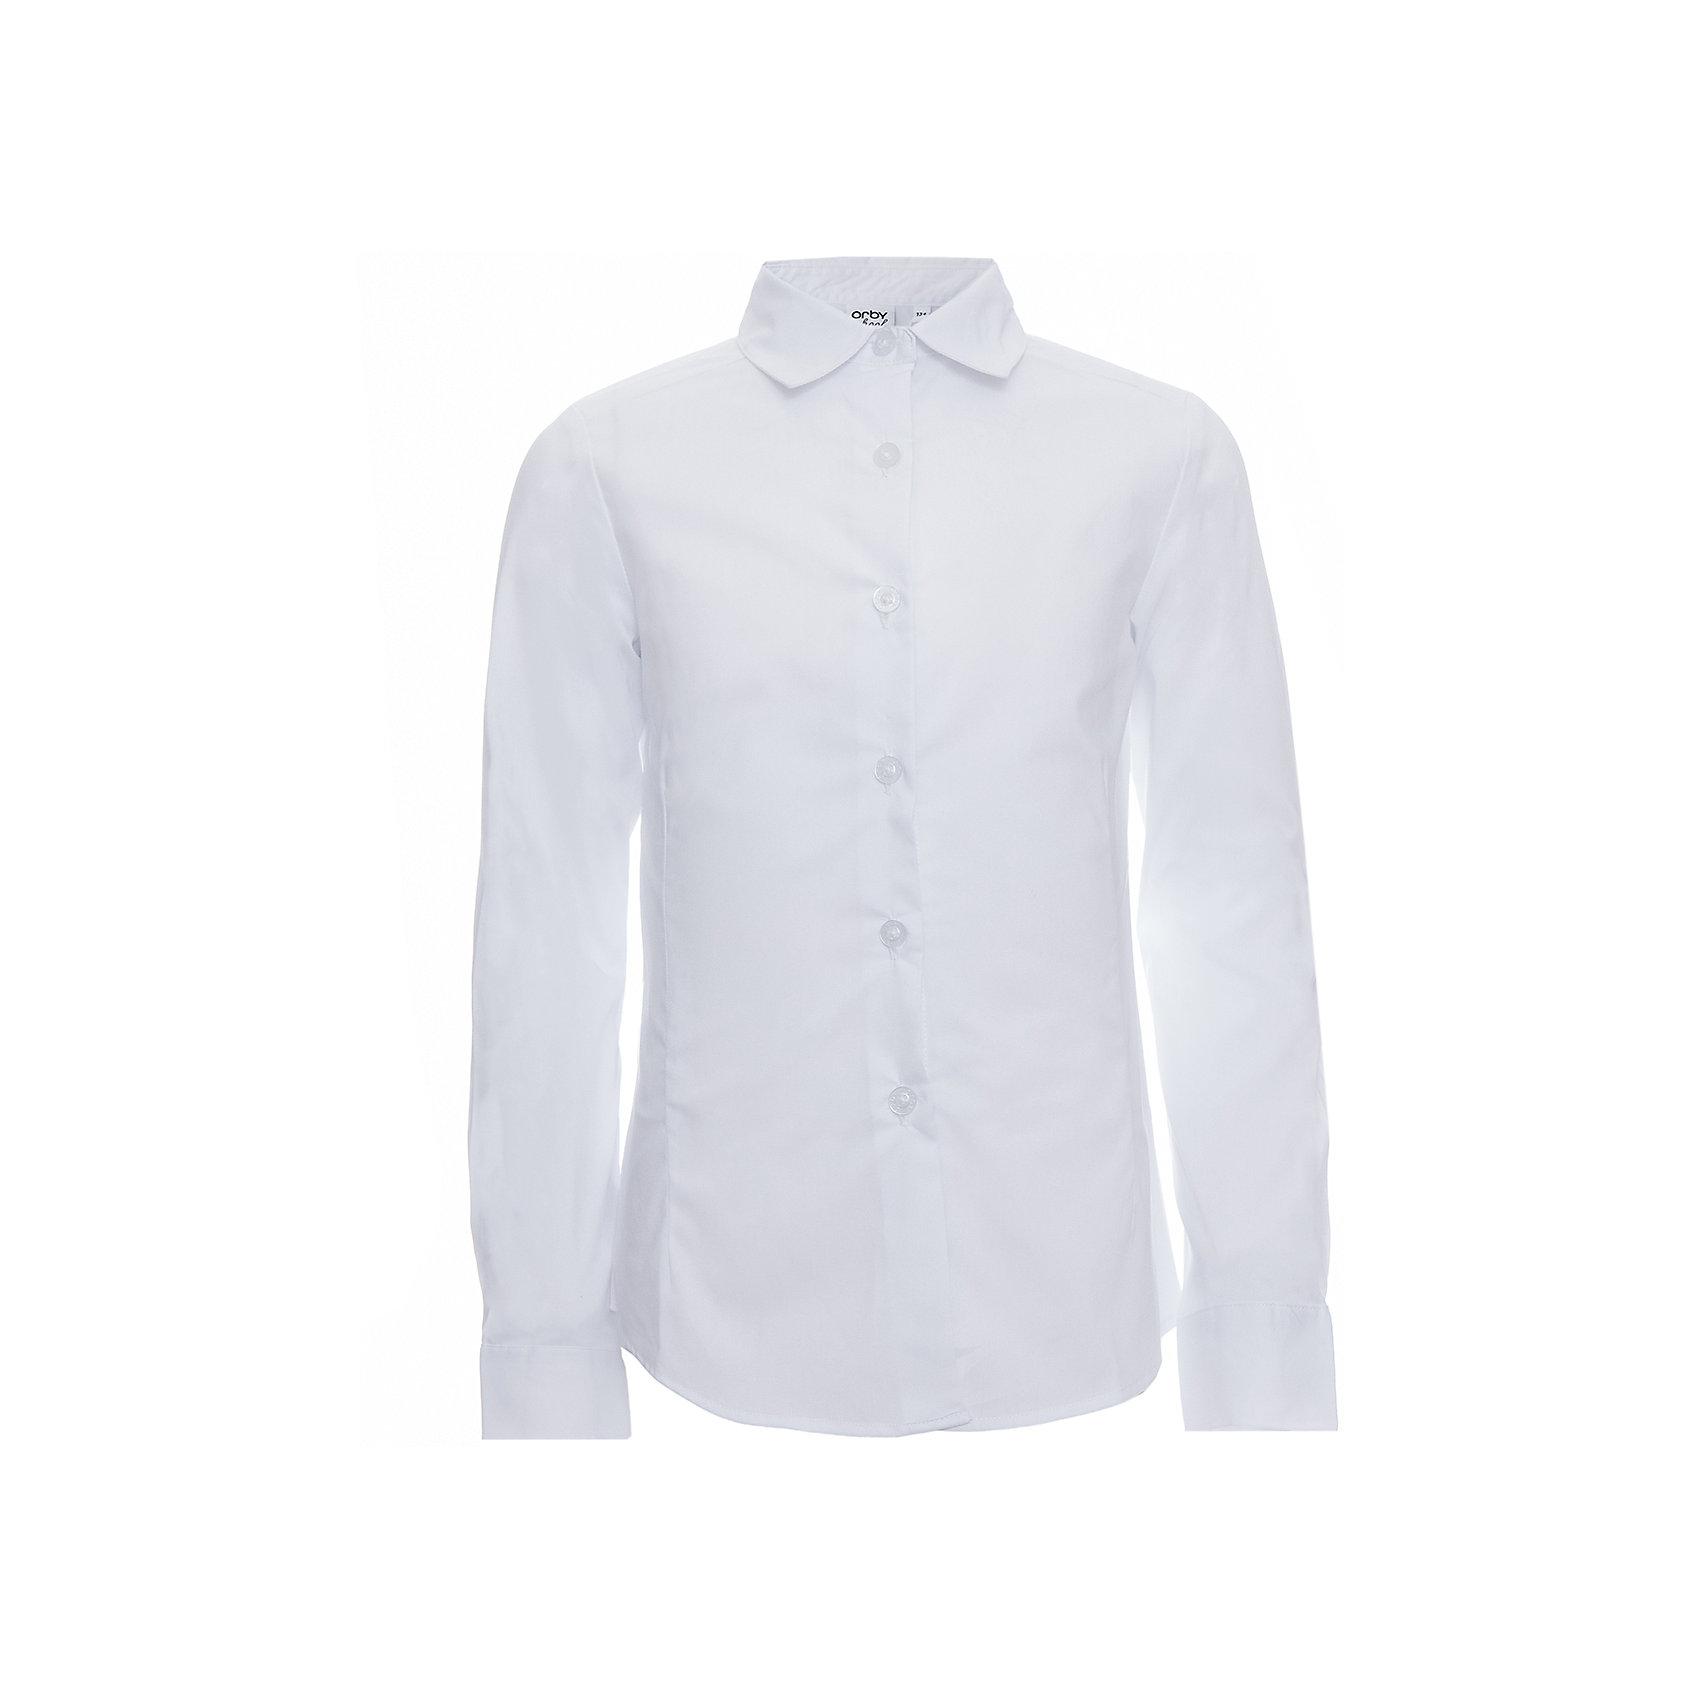 Блузка для девочки OrbyБлузки и рубашки<br>Характеристики товара:<br><br>• цвет: белый<br>• состав ткани: 66% ПЭ, 30% хлопок, 4%эластан<br>• особенности: школьная, праздничная<br>• длинные рукава<br>• застежка: пуговицы<br>• приталенный силуэт<br>• отложной воротник<br>• сезон: круглый год<br>• страна бренда: Россия<br>• страна изготовитель: Россия<br><br>Белая приталенная блузка для девочки Orby - базовая вещь гардероба. Такая блузка - отличный вариант практичной и стильной школьной одежды. <br><br>Белая школьная блузка поможет ребенку выглядеть стильно и соответствовать школьному дресс-коду.<br><br>Блузку для девочки Orby (Орби) можно купить в нашем интернет-магазине.<br><br>Ширина мм: 186<br>Глубина мм: 87<br>Высота мм: 198<br>Вес г: 197<br>Цвет: белый<br>Возраст от месяцев: 120<br>Возраст до месяцев: 132<br>Пол: Женский<br>Возраст: Детский<br>Размер: 146,152,158,164,170,122,128,134,140<br>SKU: 6960278